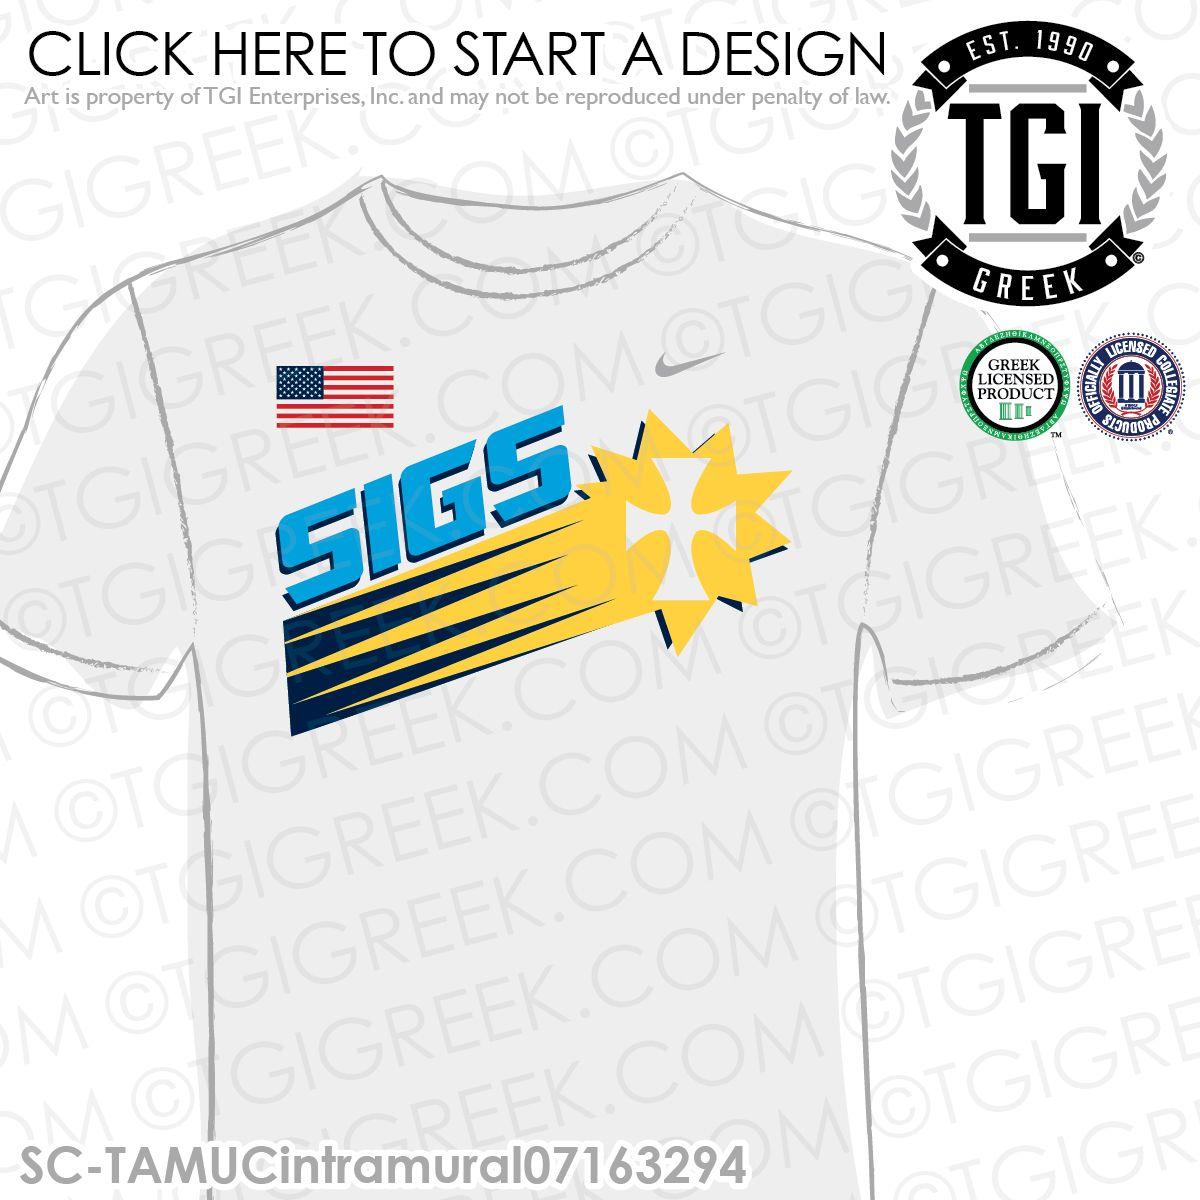 TGI Greek - Sigma Chi - Intramurals - Greek Apparel #tgigreek #sigmachi